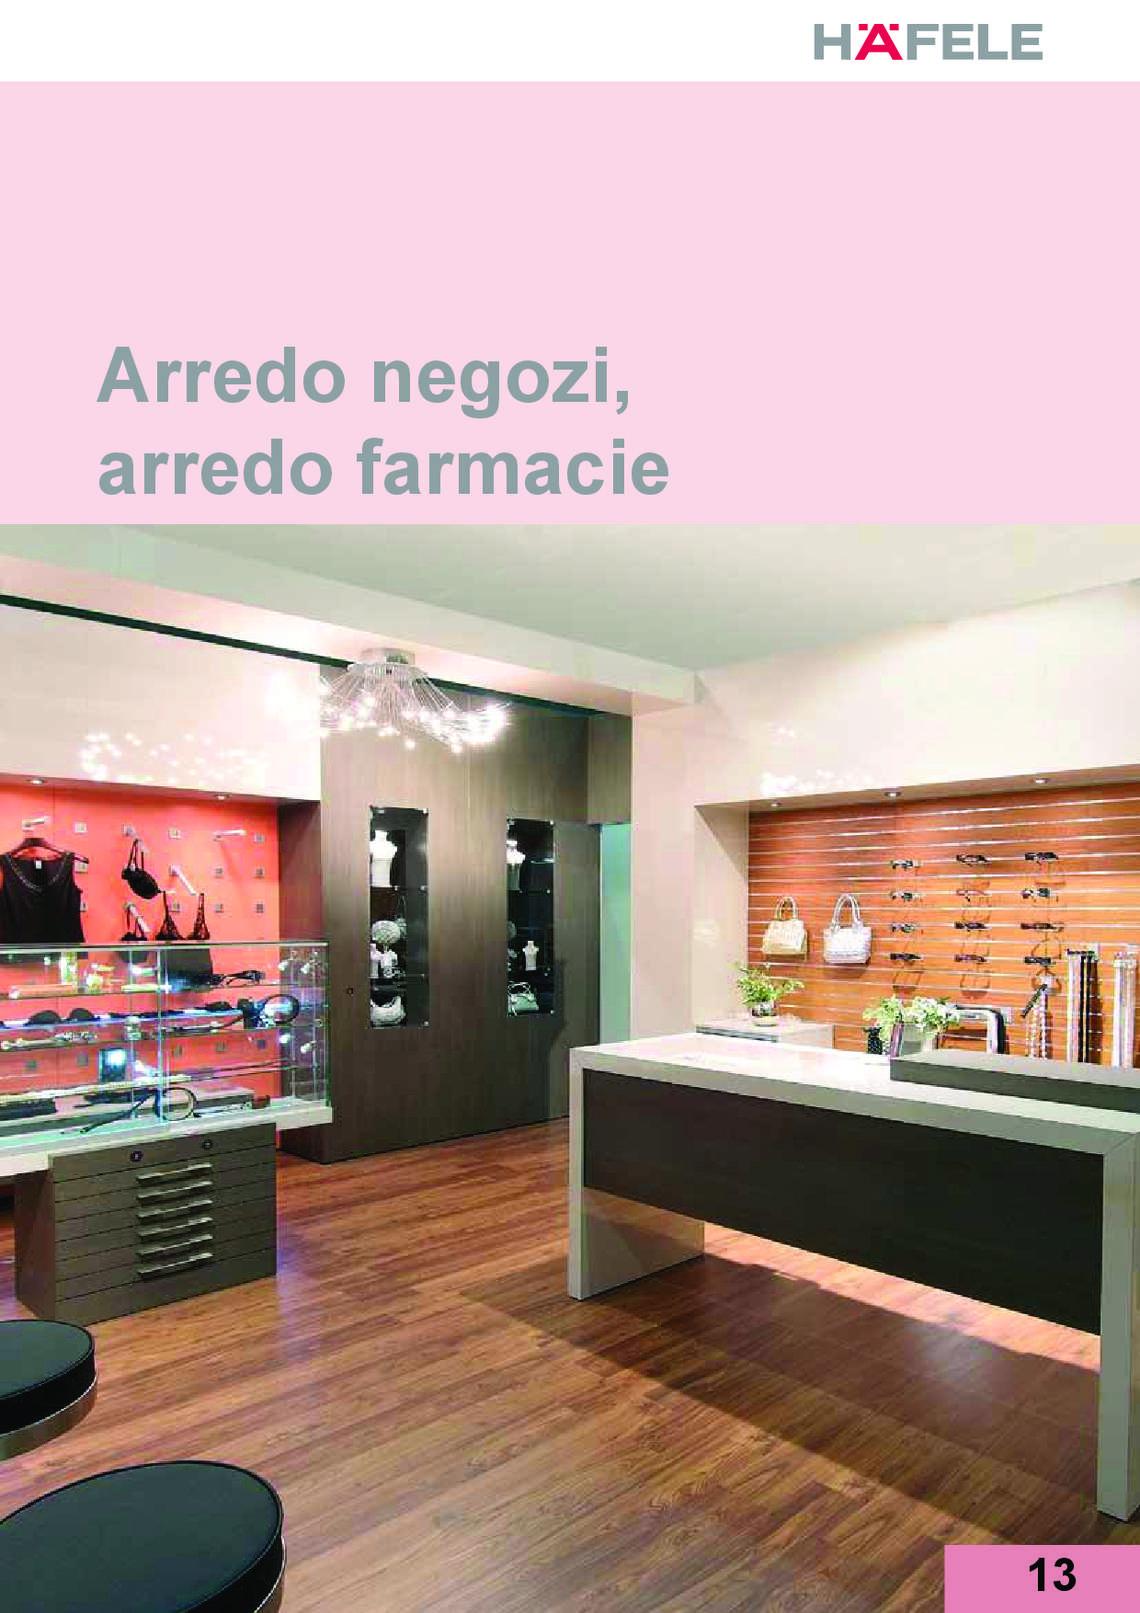 Catalogo hafele arredo negozi e farmacie di h fele italia for Negozi mobili italia